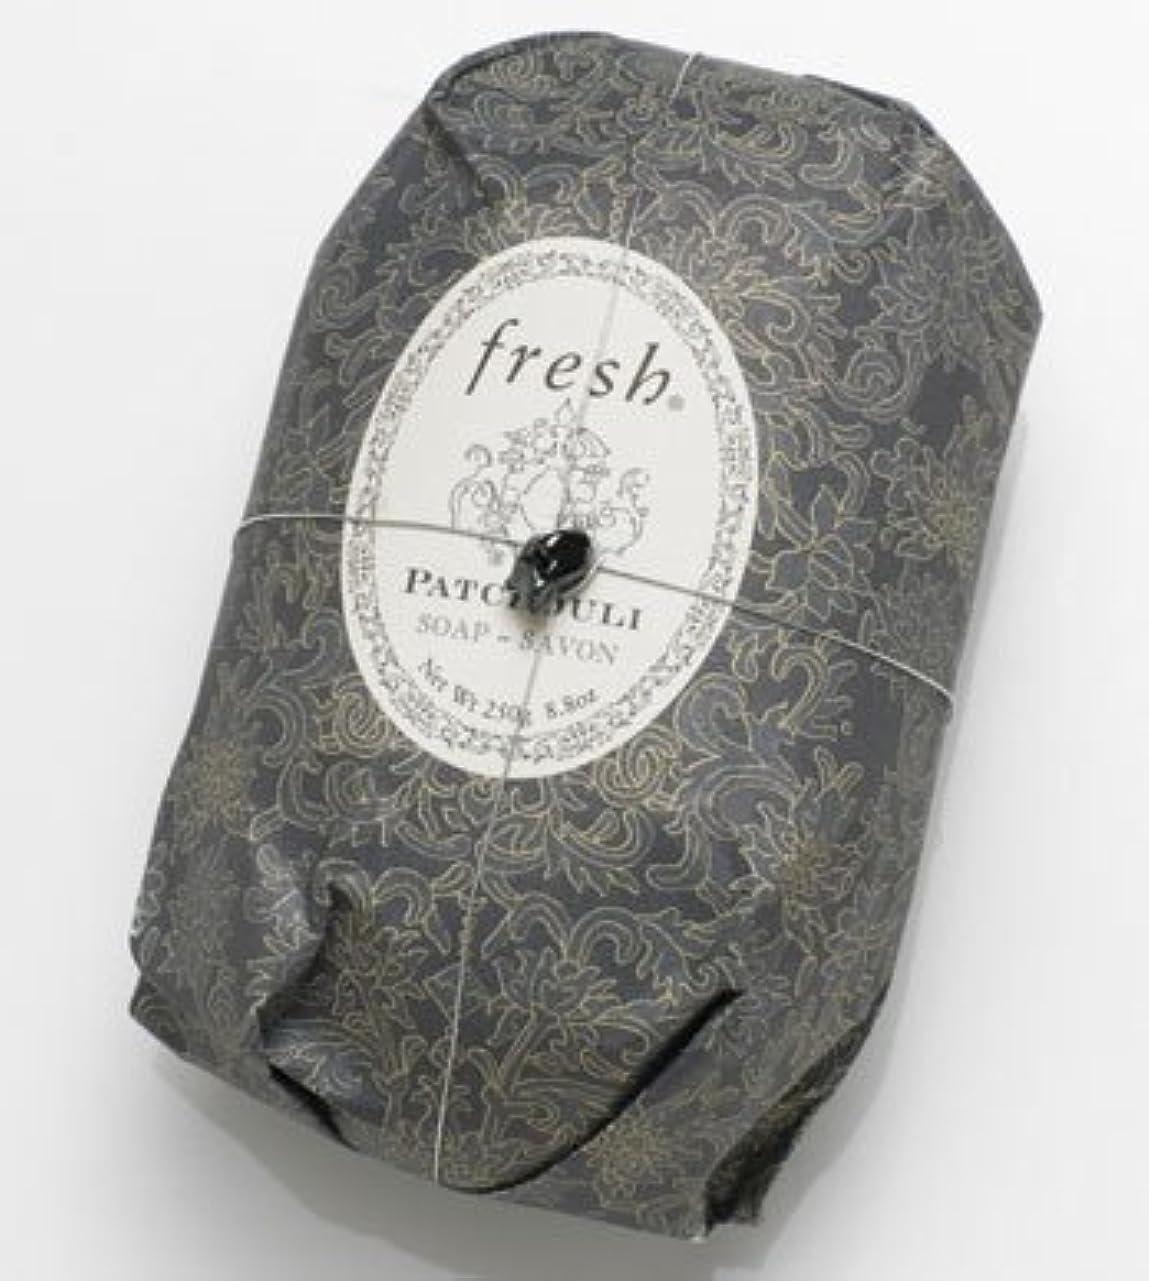 元気博物館空中Fresh PATCHOULI SOAP (フレッシュ パチョリ ソープ) 8.8 oz (250g) Soap (石鹸) by Fresh